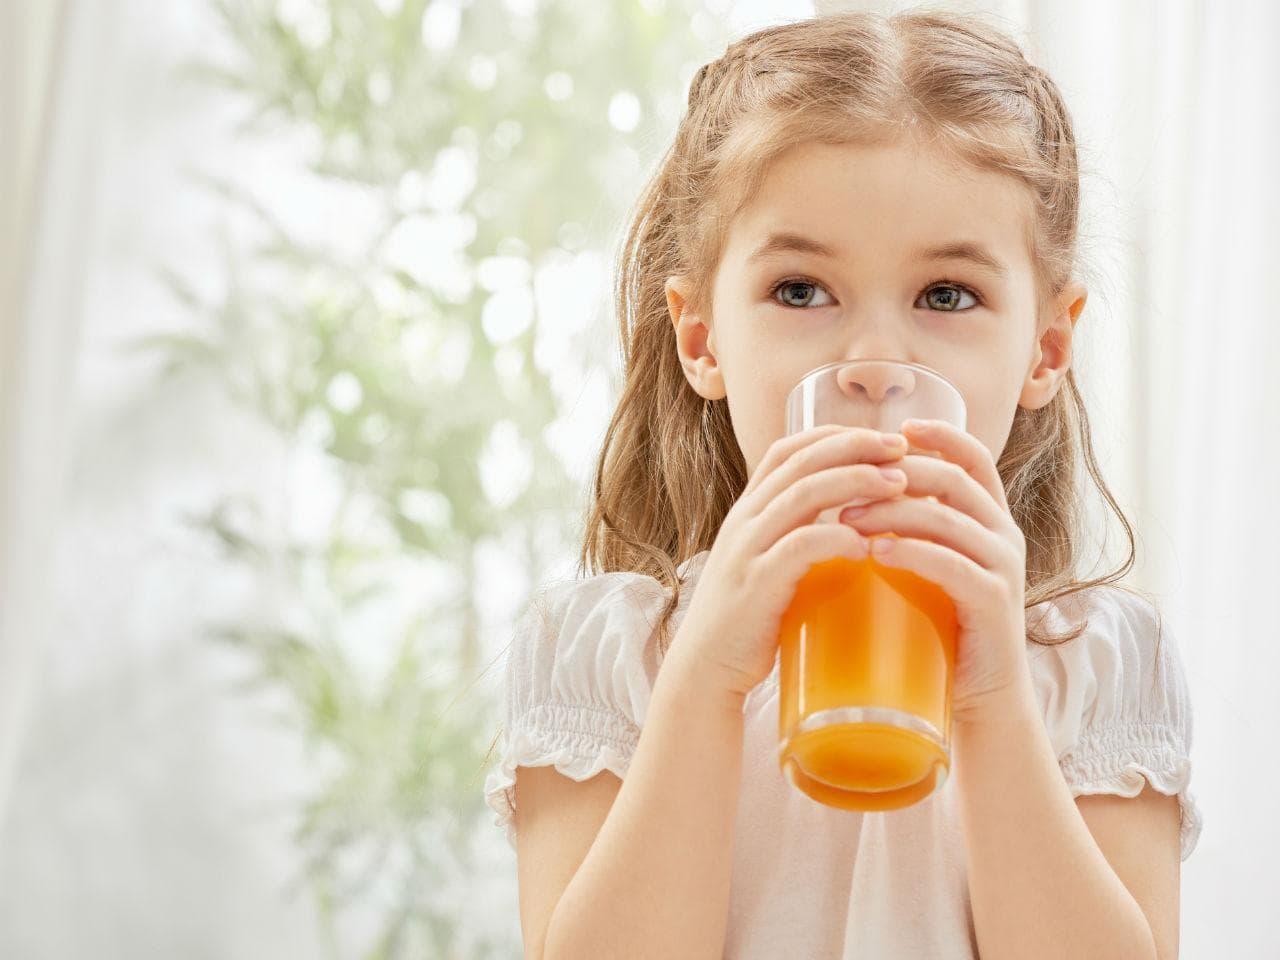 Quả cam là nguồn cung cấp canxi, vitamin D và vitamin C dồi dào cho trẻ